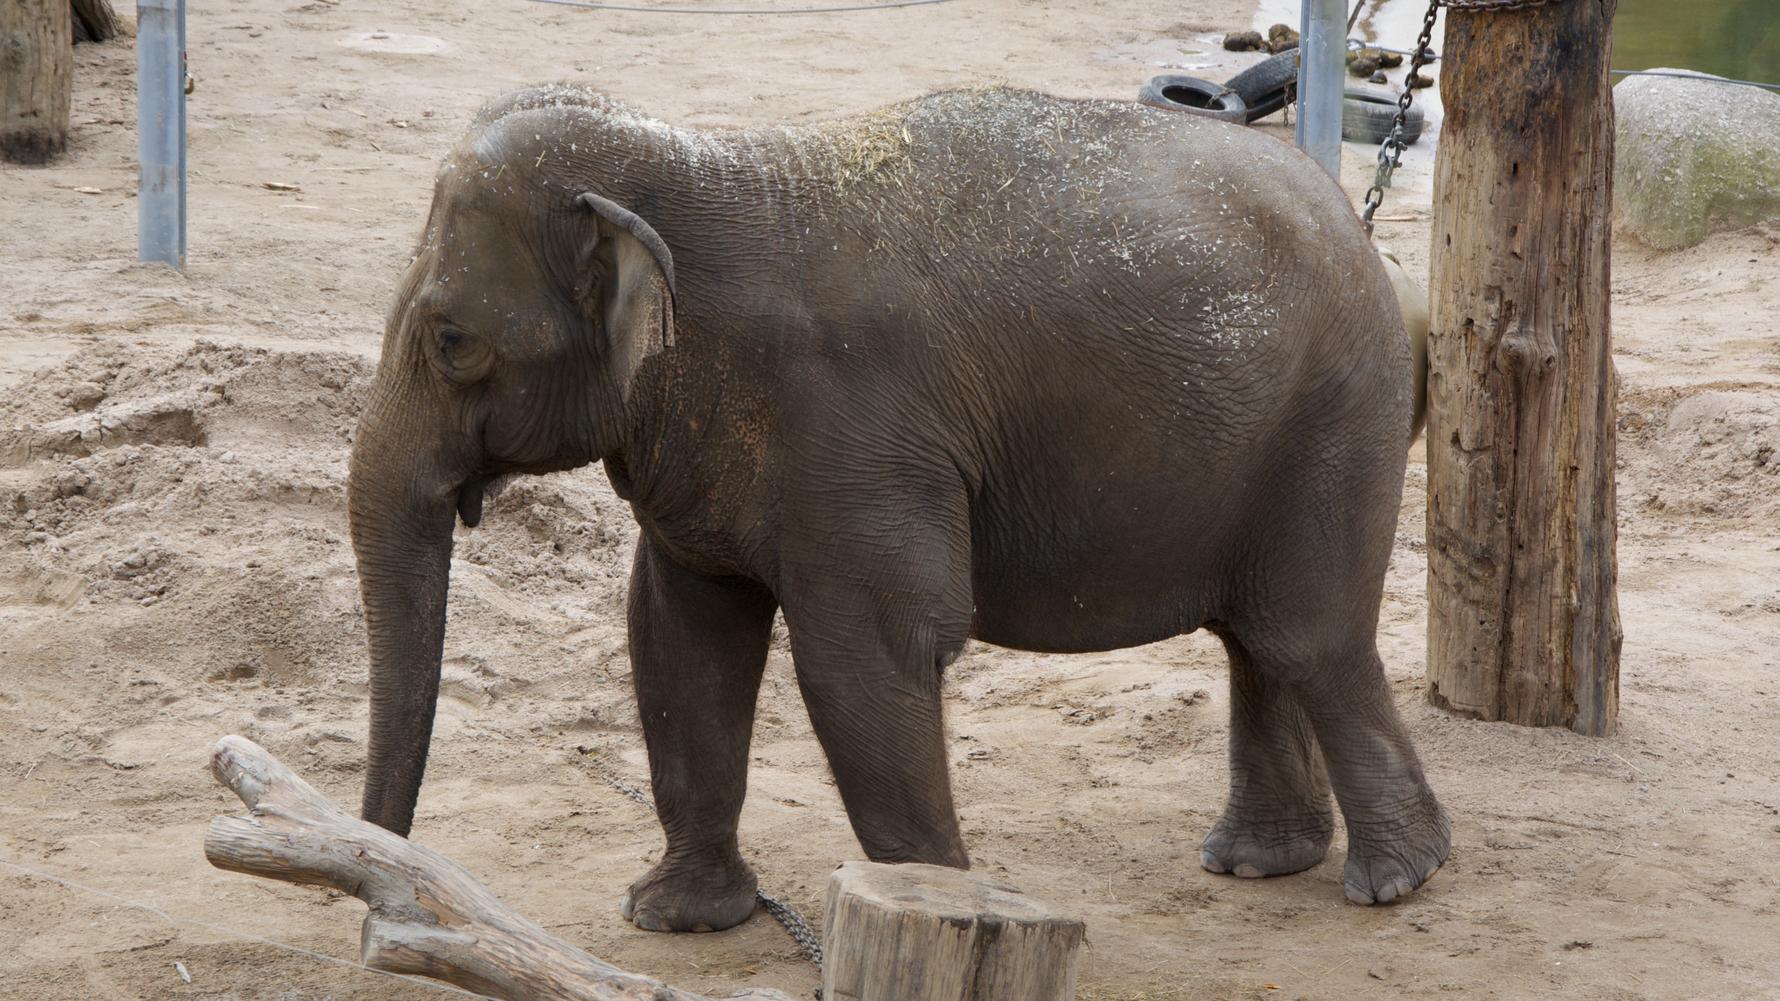 Abgerichteter Elefant bei der Arbeit im Zoologischen Garten Karlsruhe